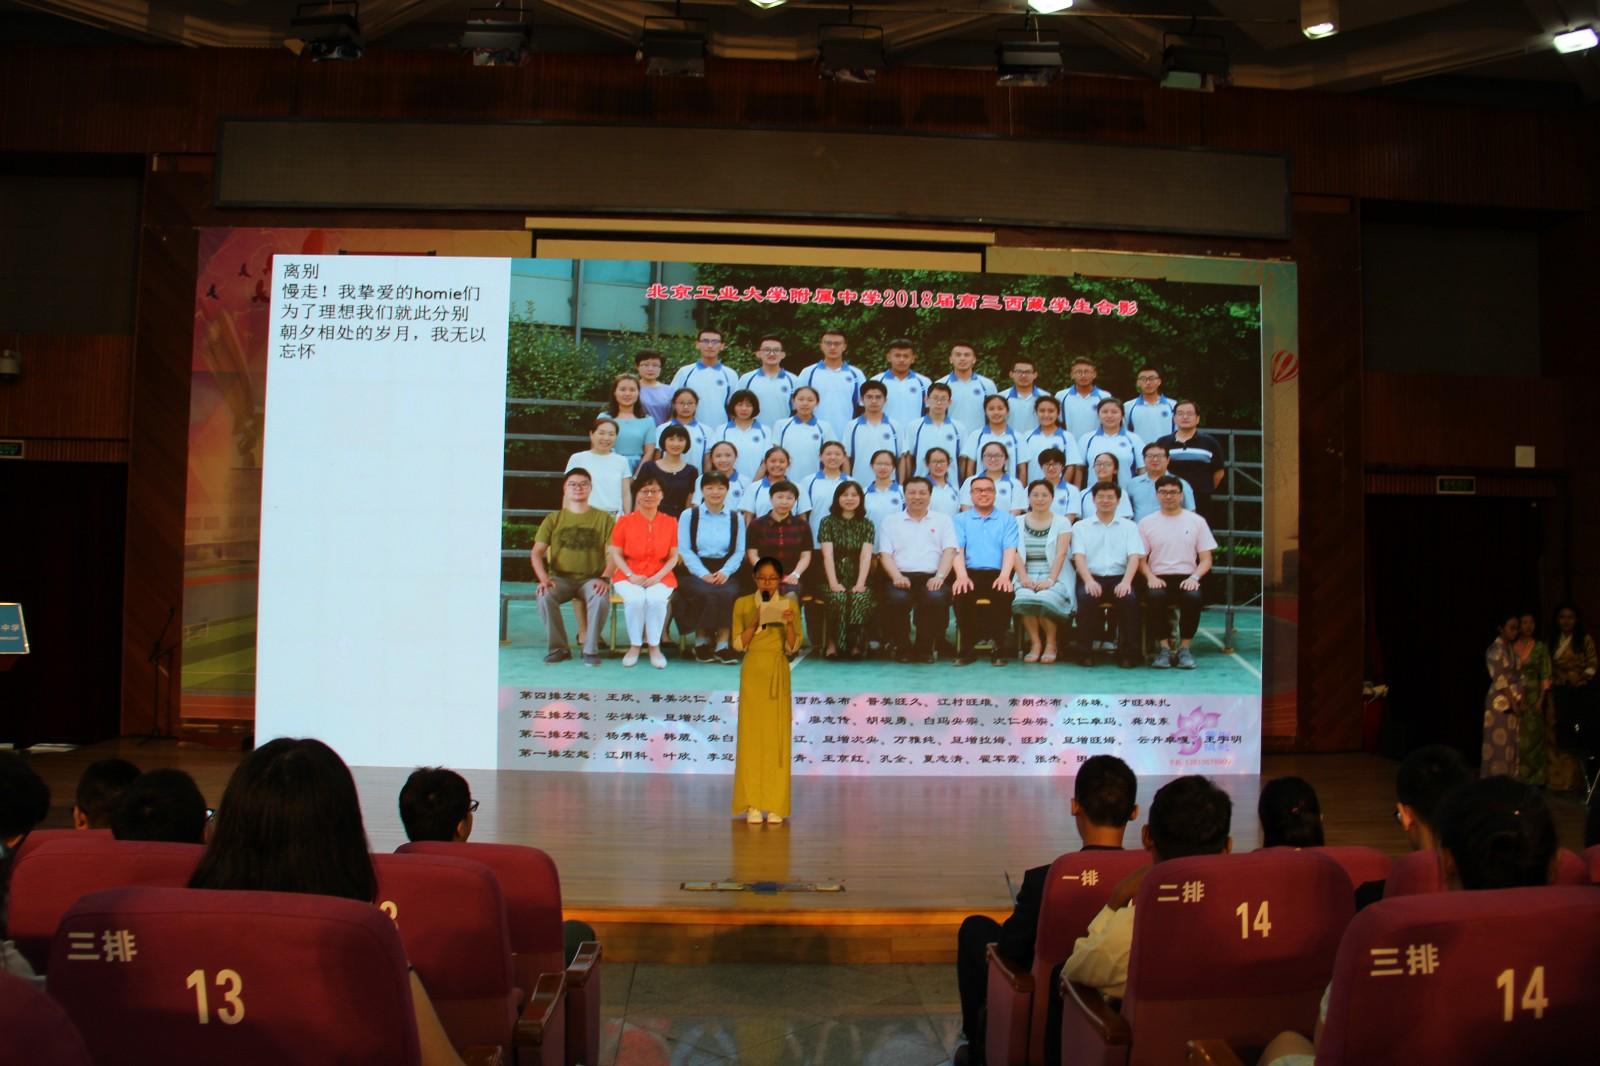 西藏生代表发言.JPG